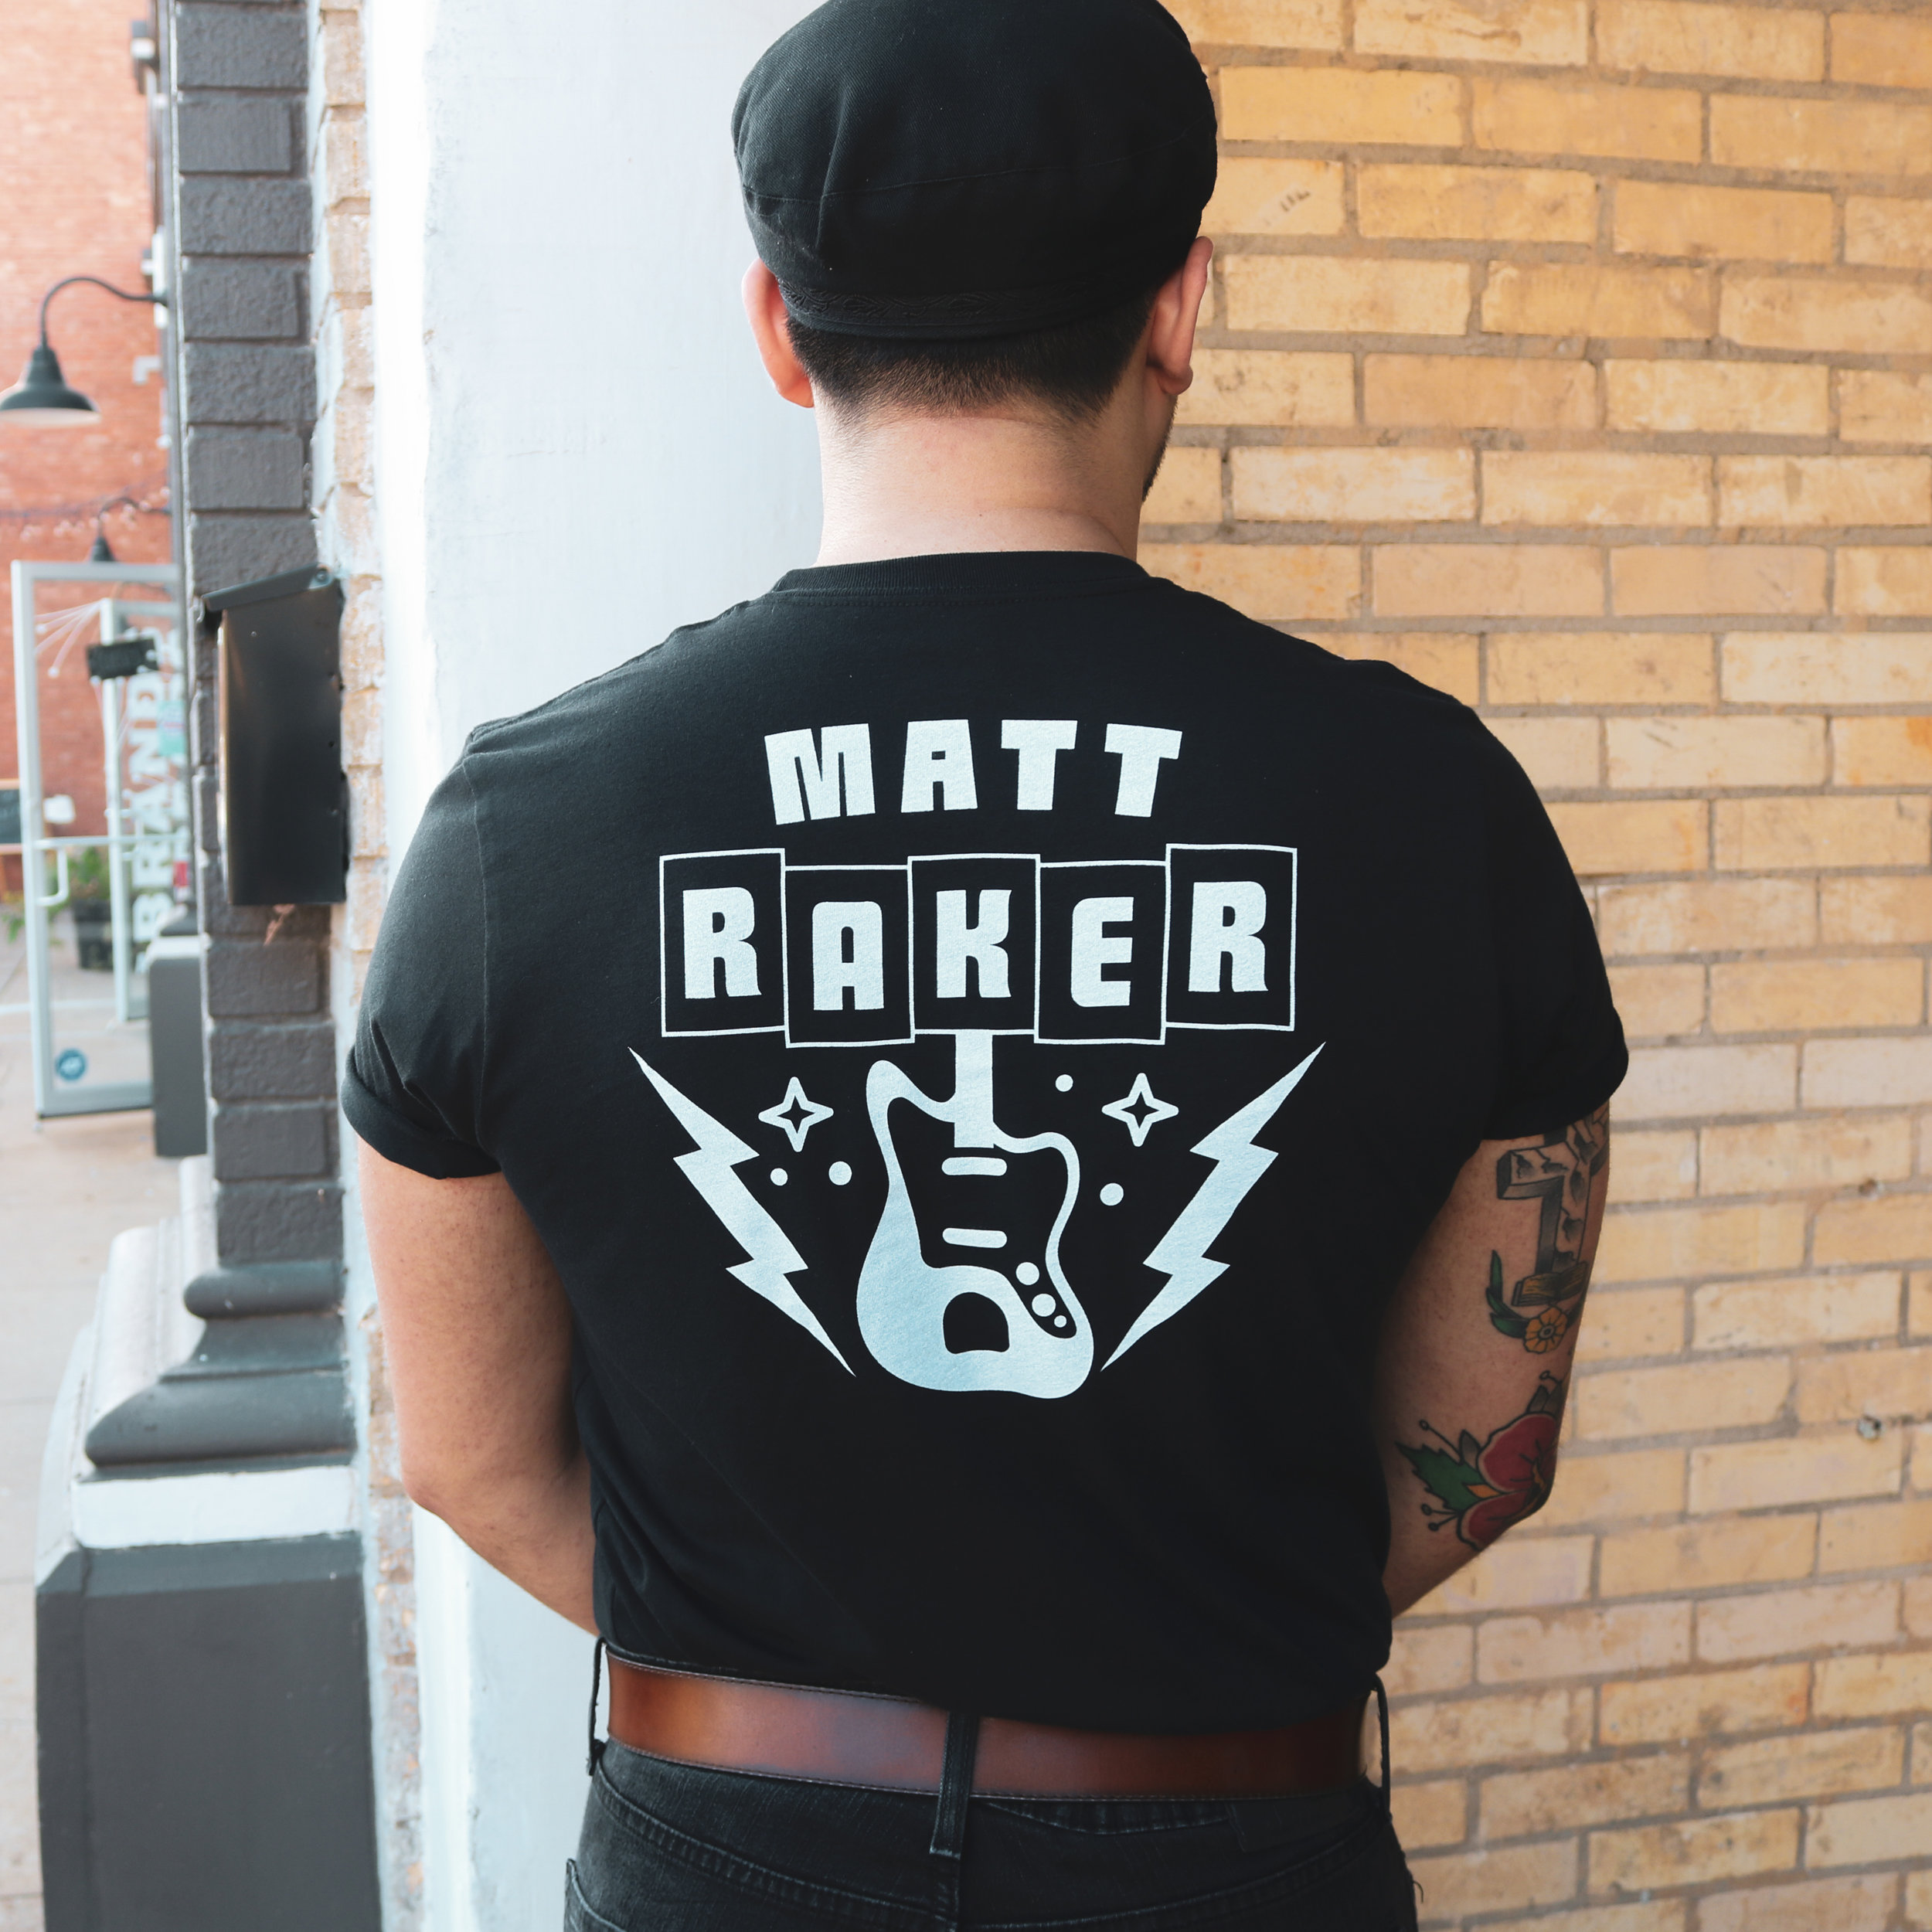 Band Merch for East Texas musician Matt Raker